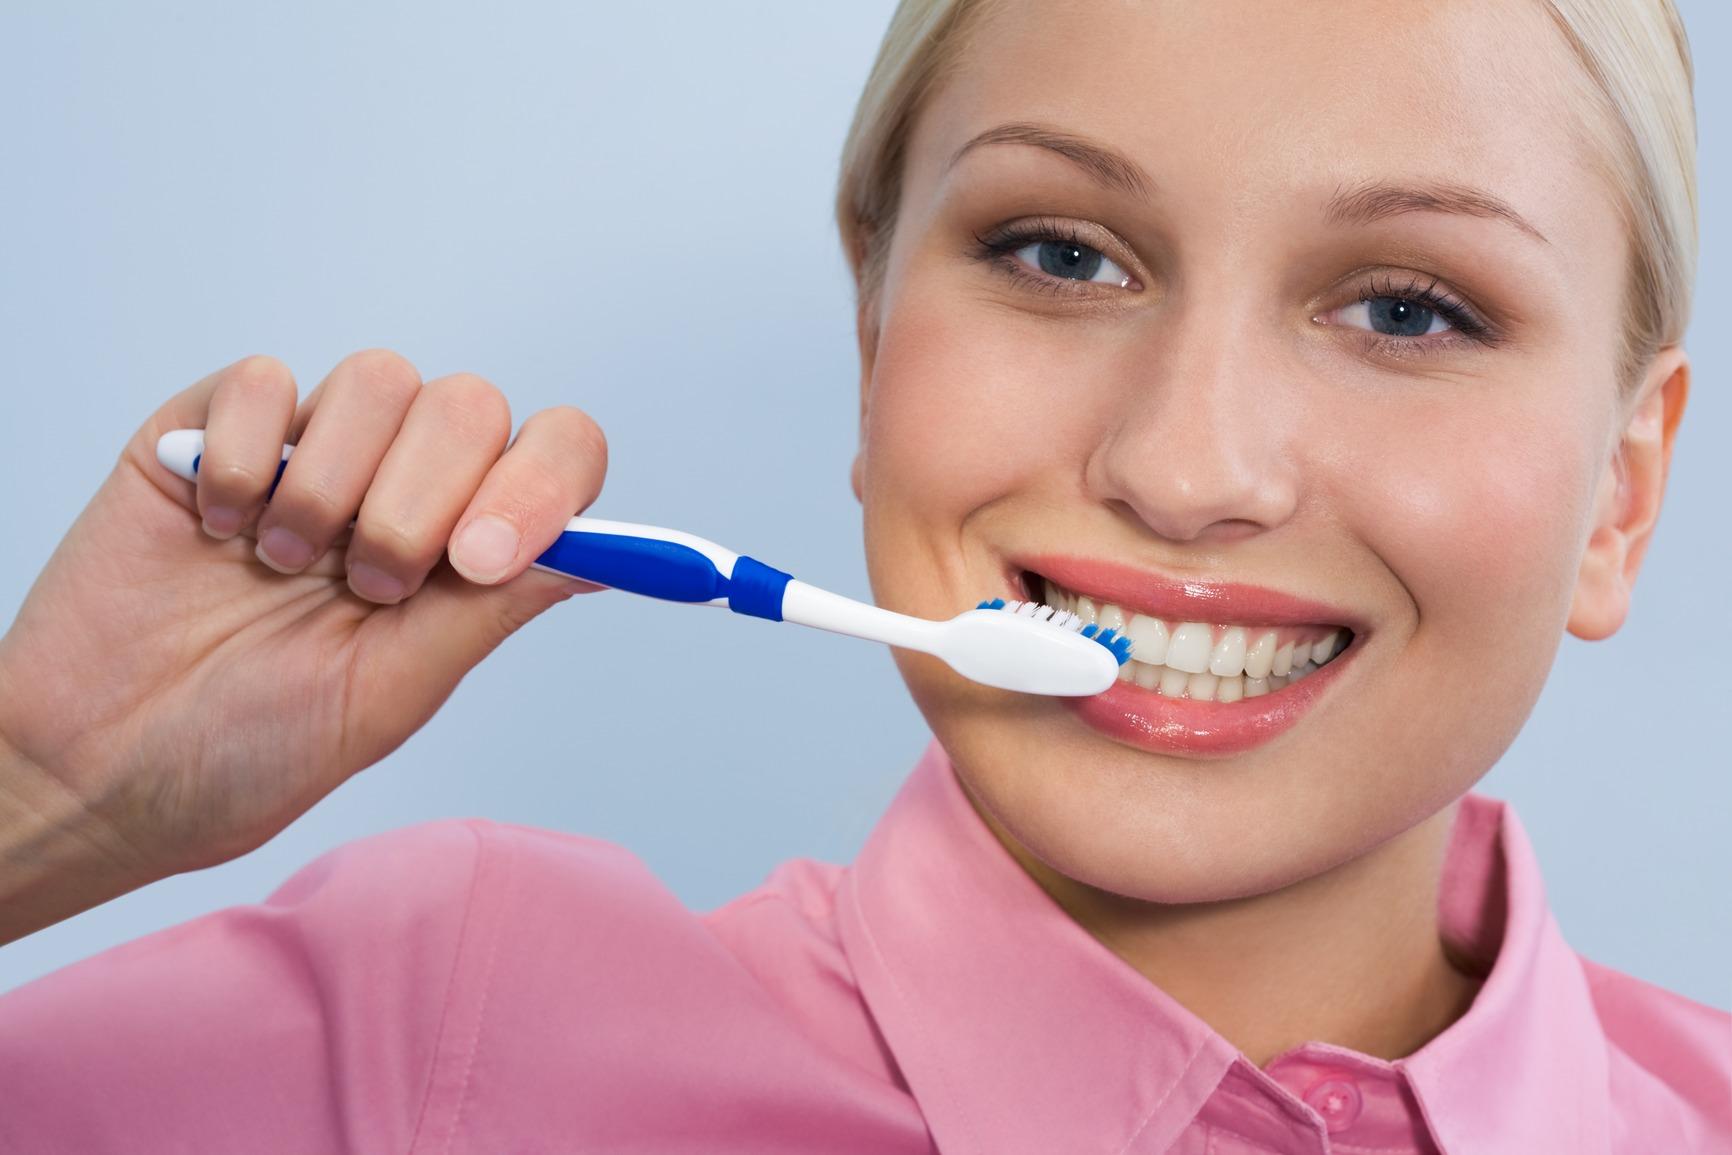 Femeie blonda care se spala pe dinti pentru a preveni aftele bucale